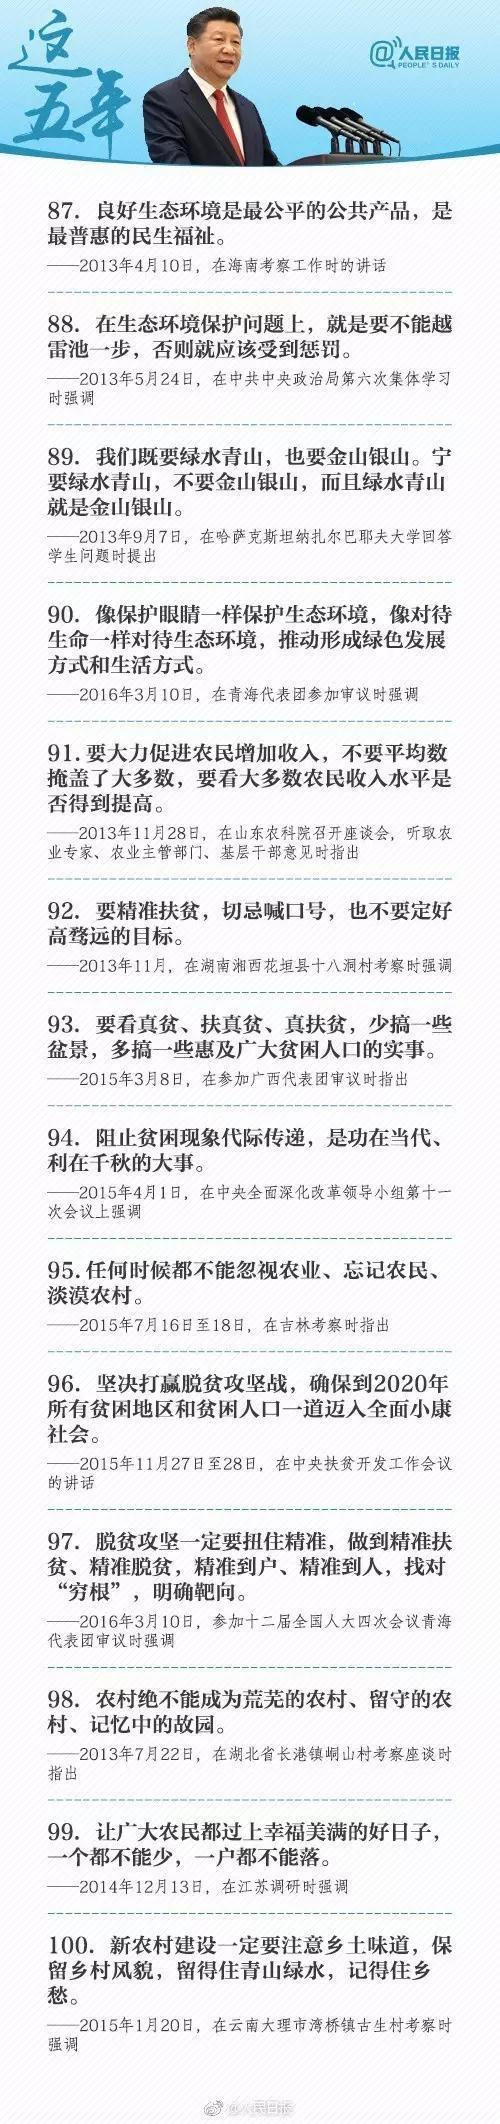 来源:人民日报微博